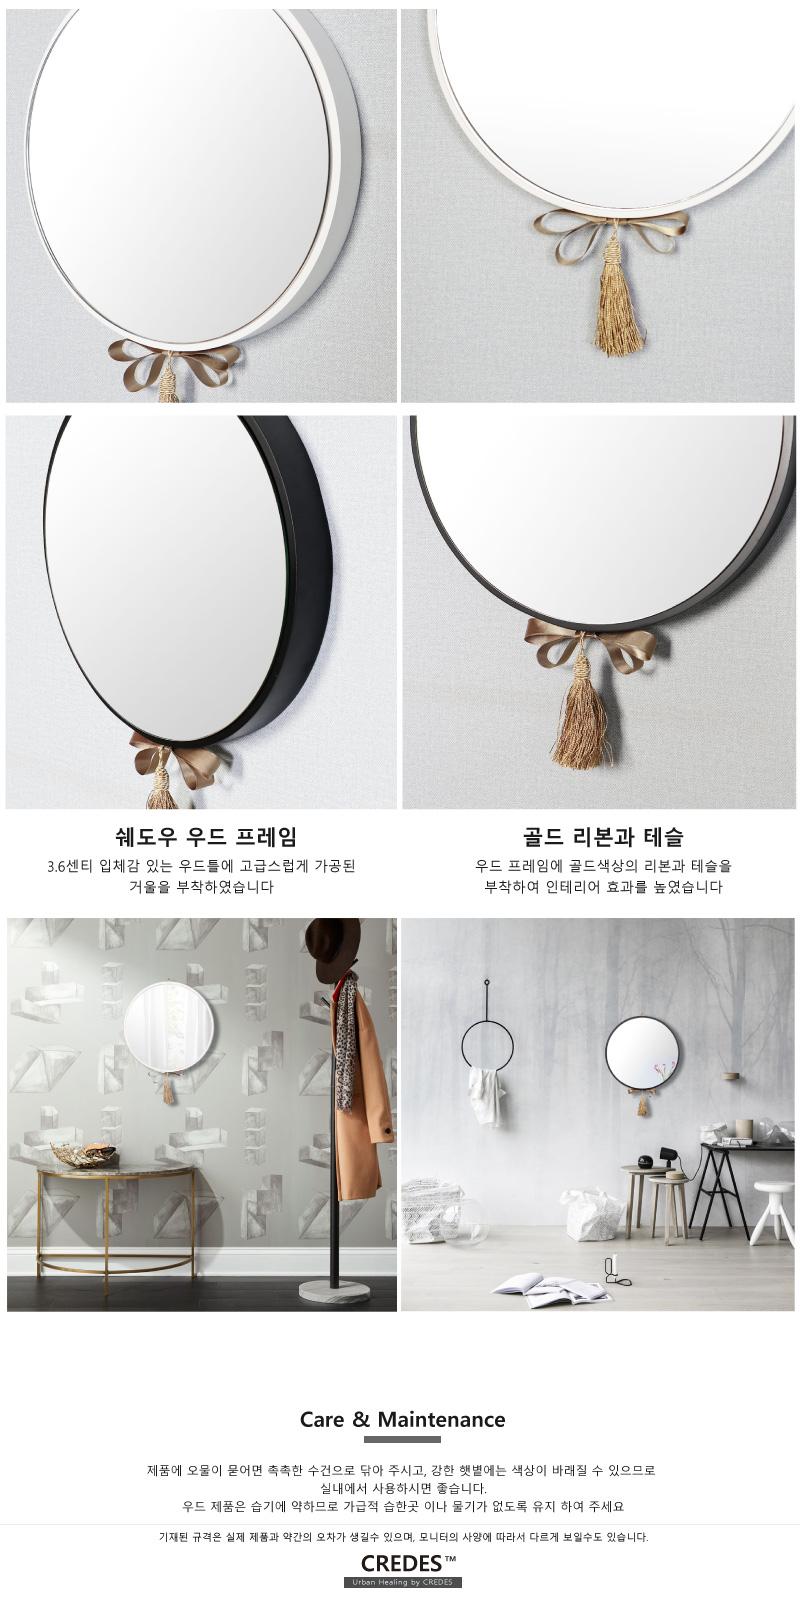 우드 테슬달린 원형 인테리어 카페장식 거울-2색상 - 크레디스, 25,000원, 거울, 벽걸이거울